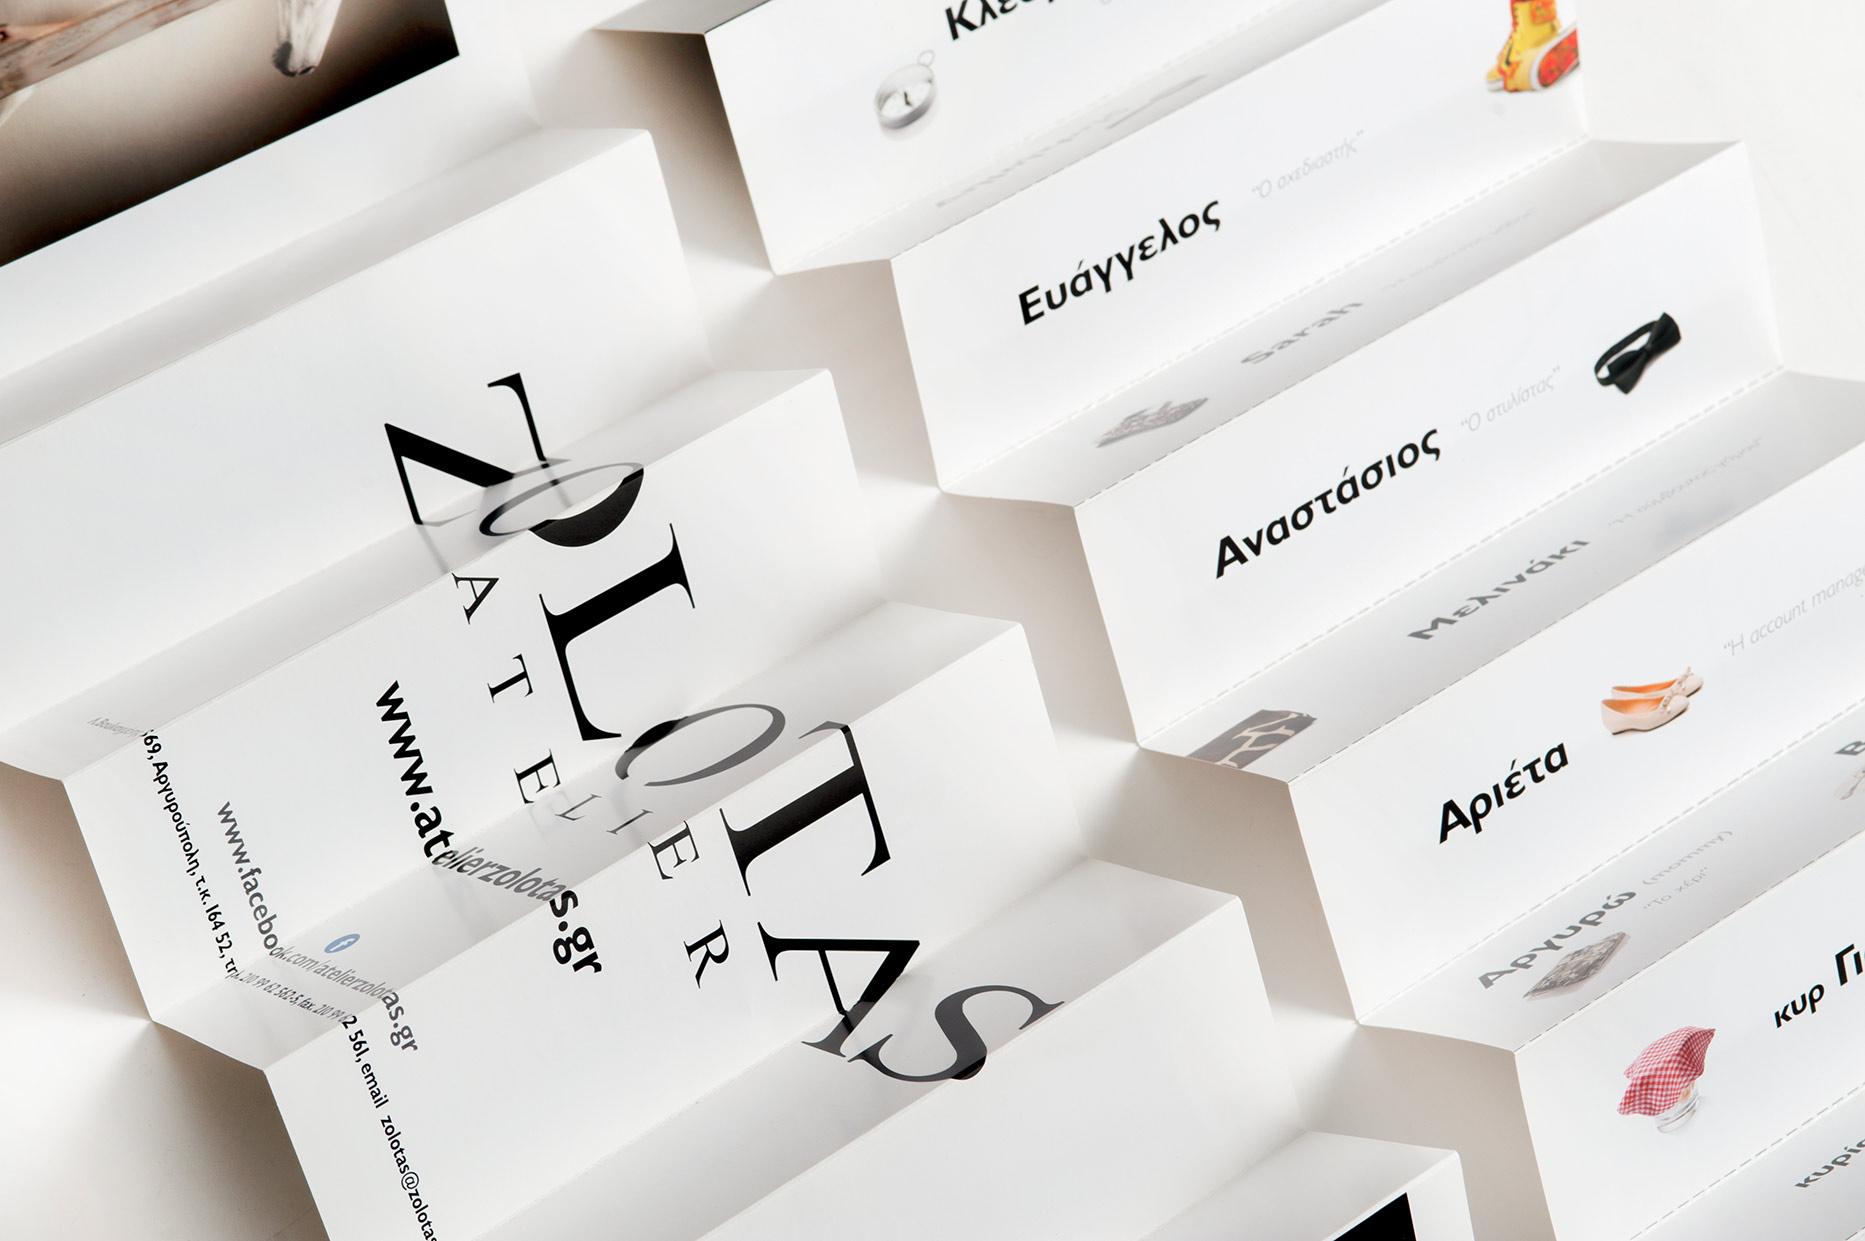 Σχεδιασμός διαφημιστικού εντύπου atelier Zolotas • adeadpixel